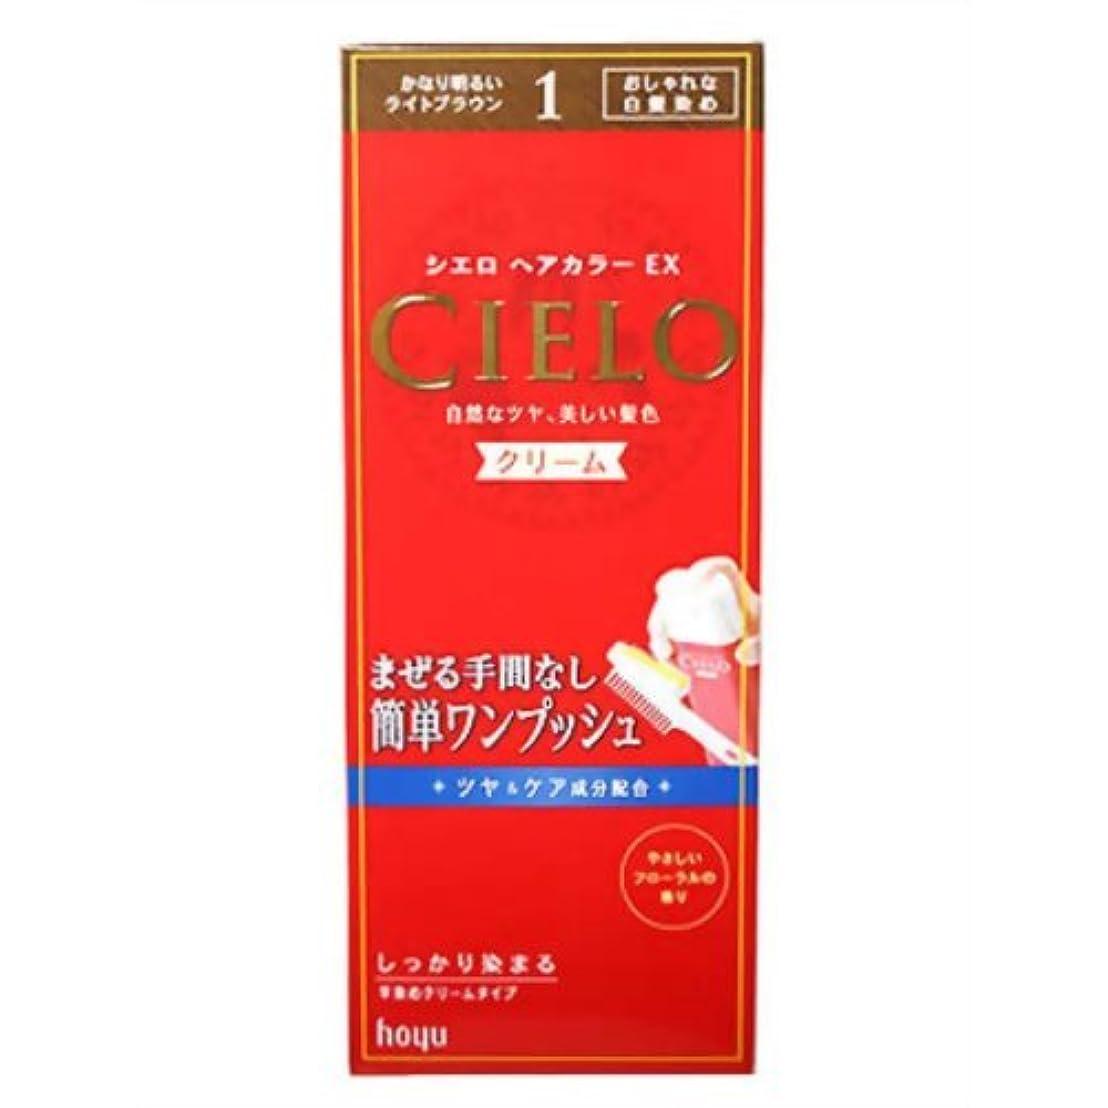 哀理解大量シエロ ヘアカラーEX クリーム1 (かなり明るいライトブラウン)